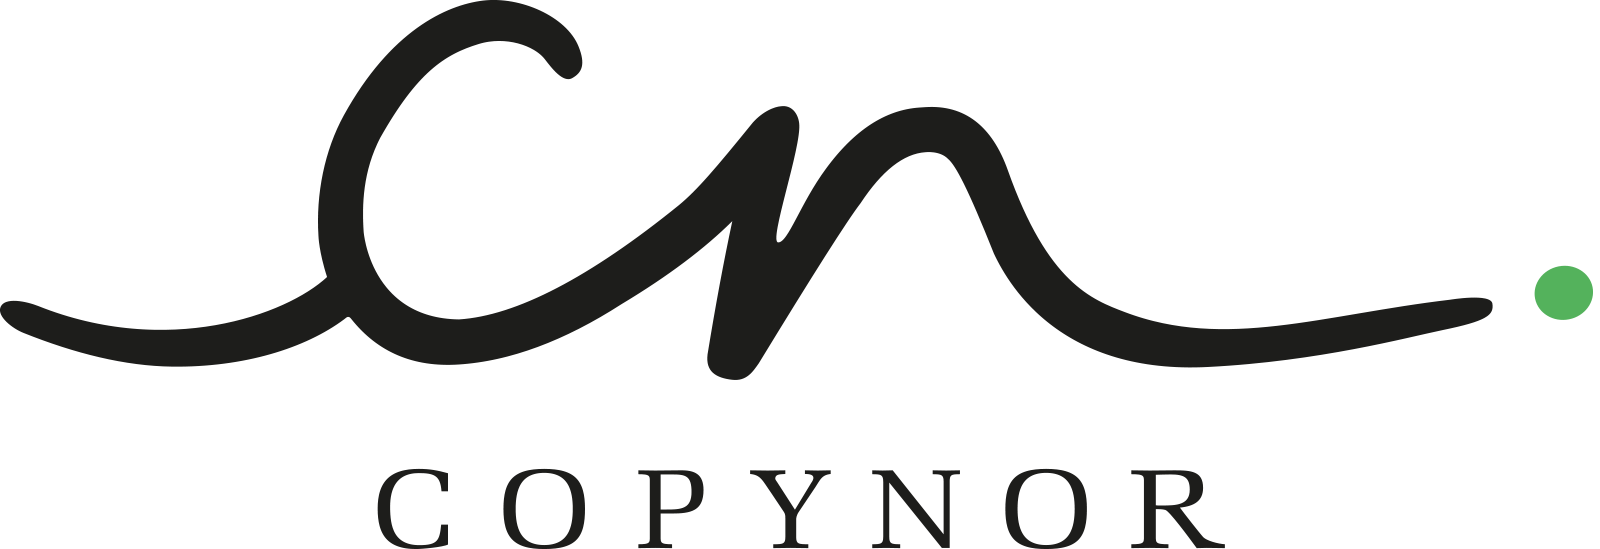 Copynor Logo